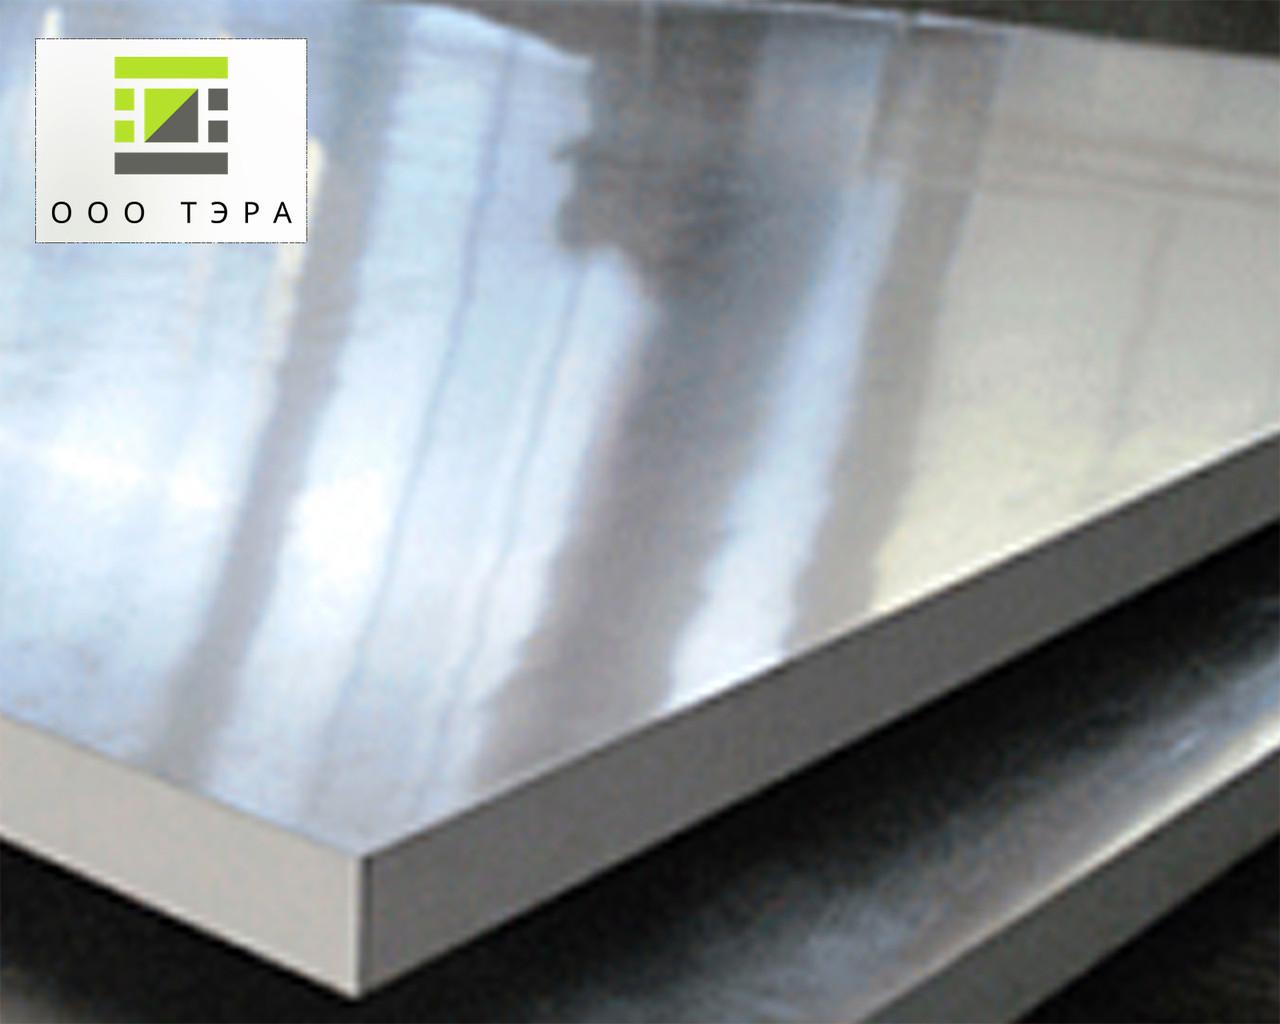 Алюмінієва плита 90 мм сплав 7075 (В95) -високоміцний, розміри 1520х3020 мм.